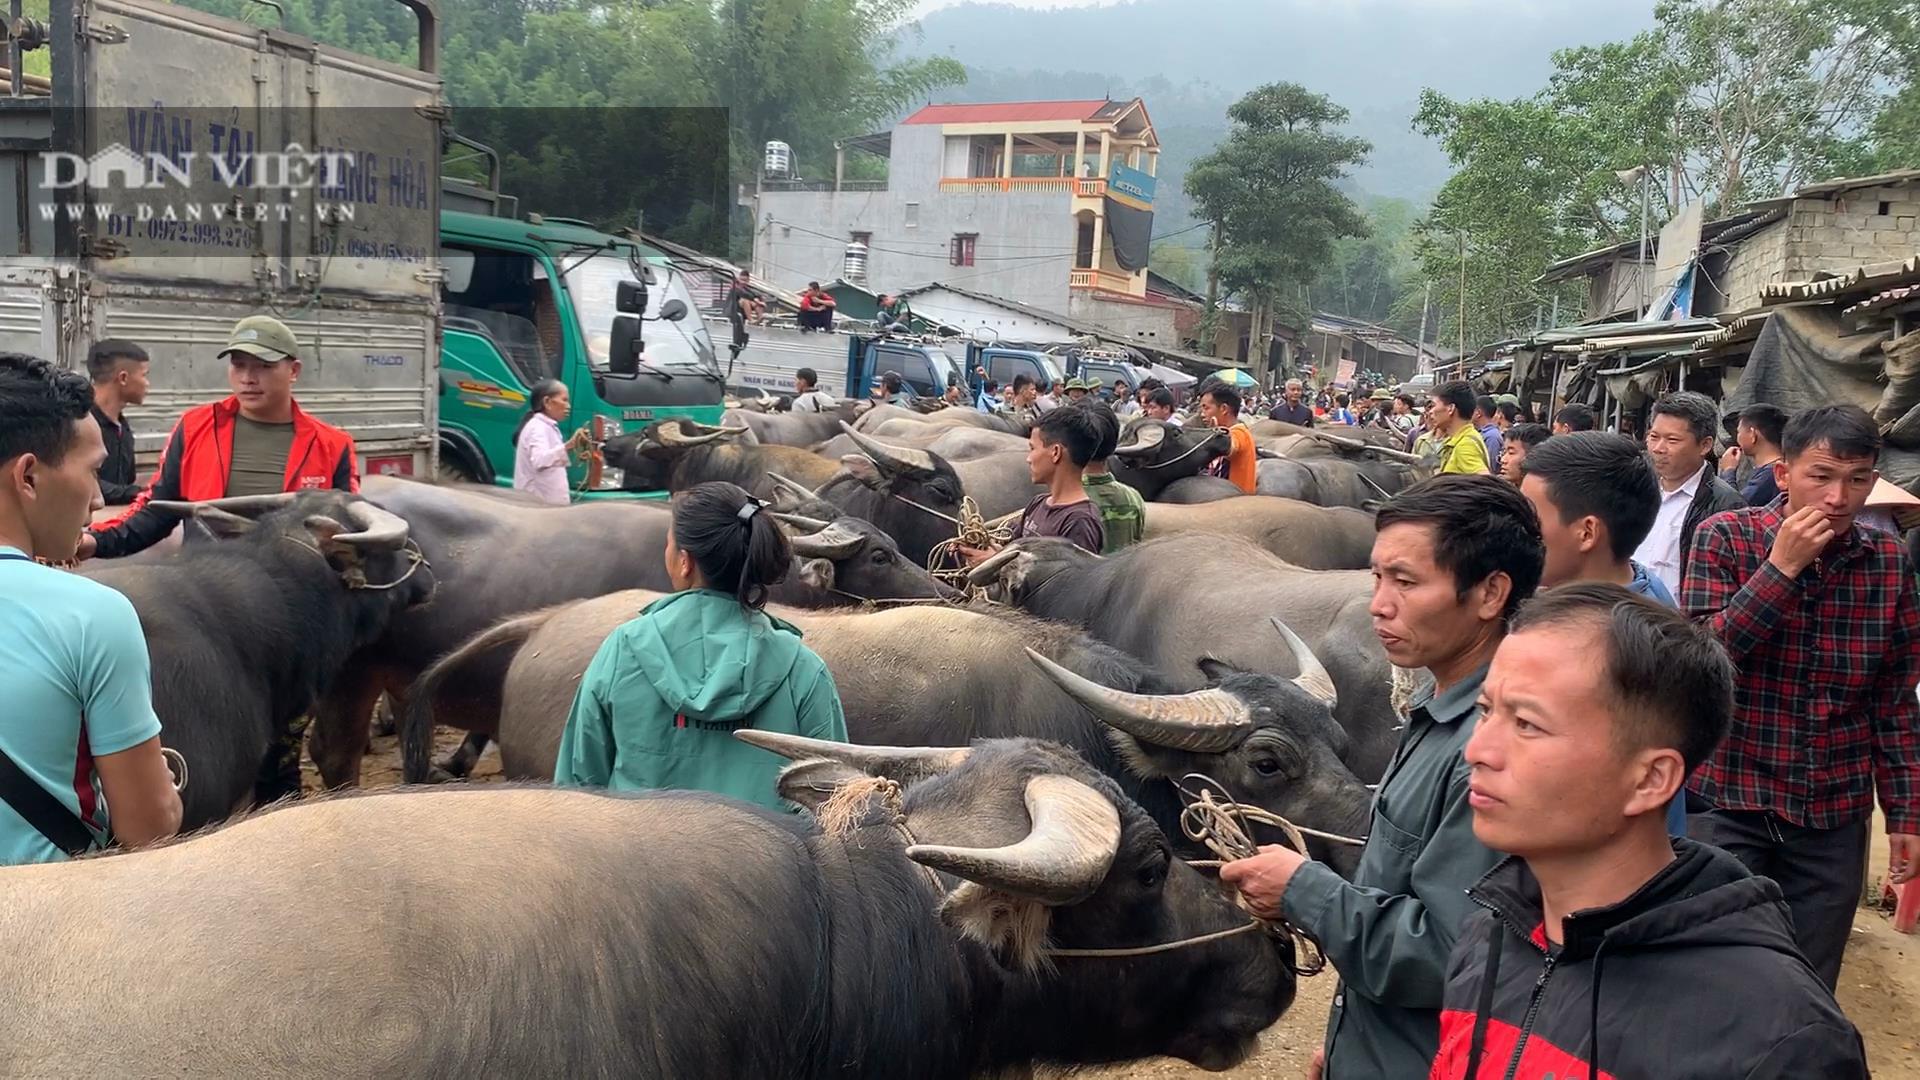 Bắc Kạn: Nguy cơ mất an toàn tại chợ trâu, bò Nghiên Loan - Ảnh 1.